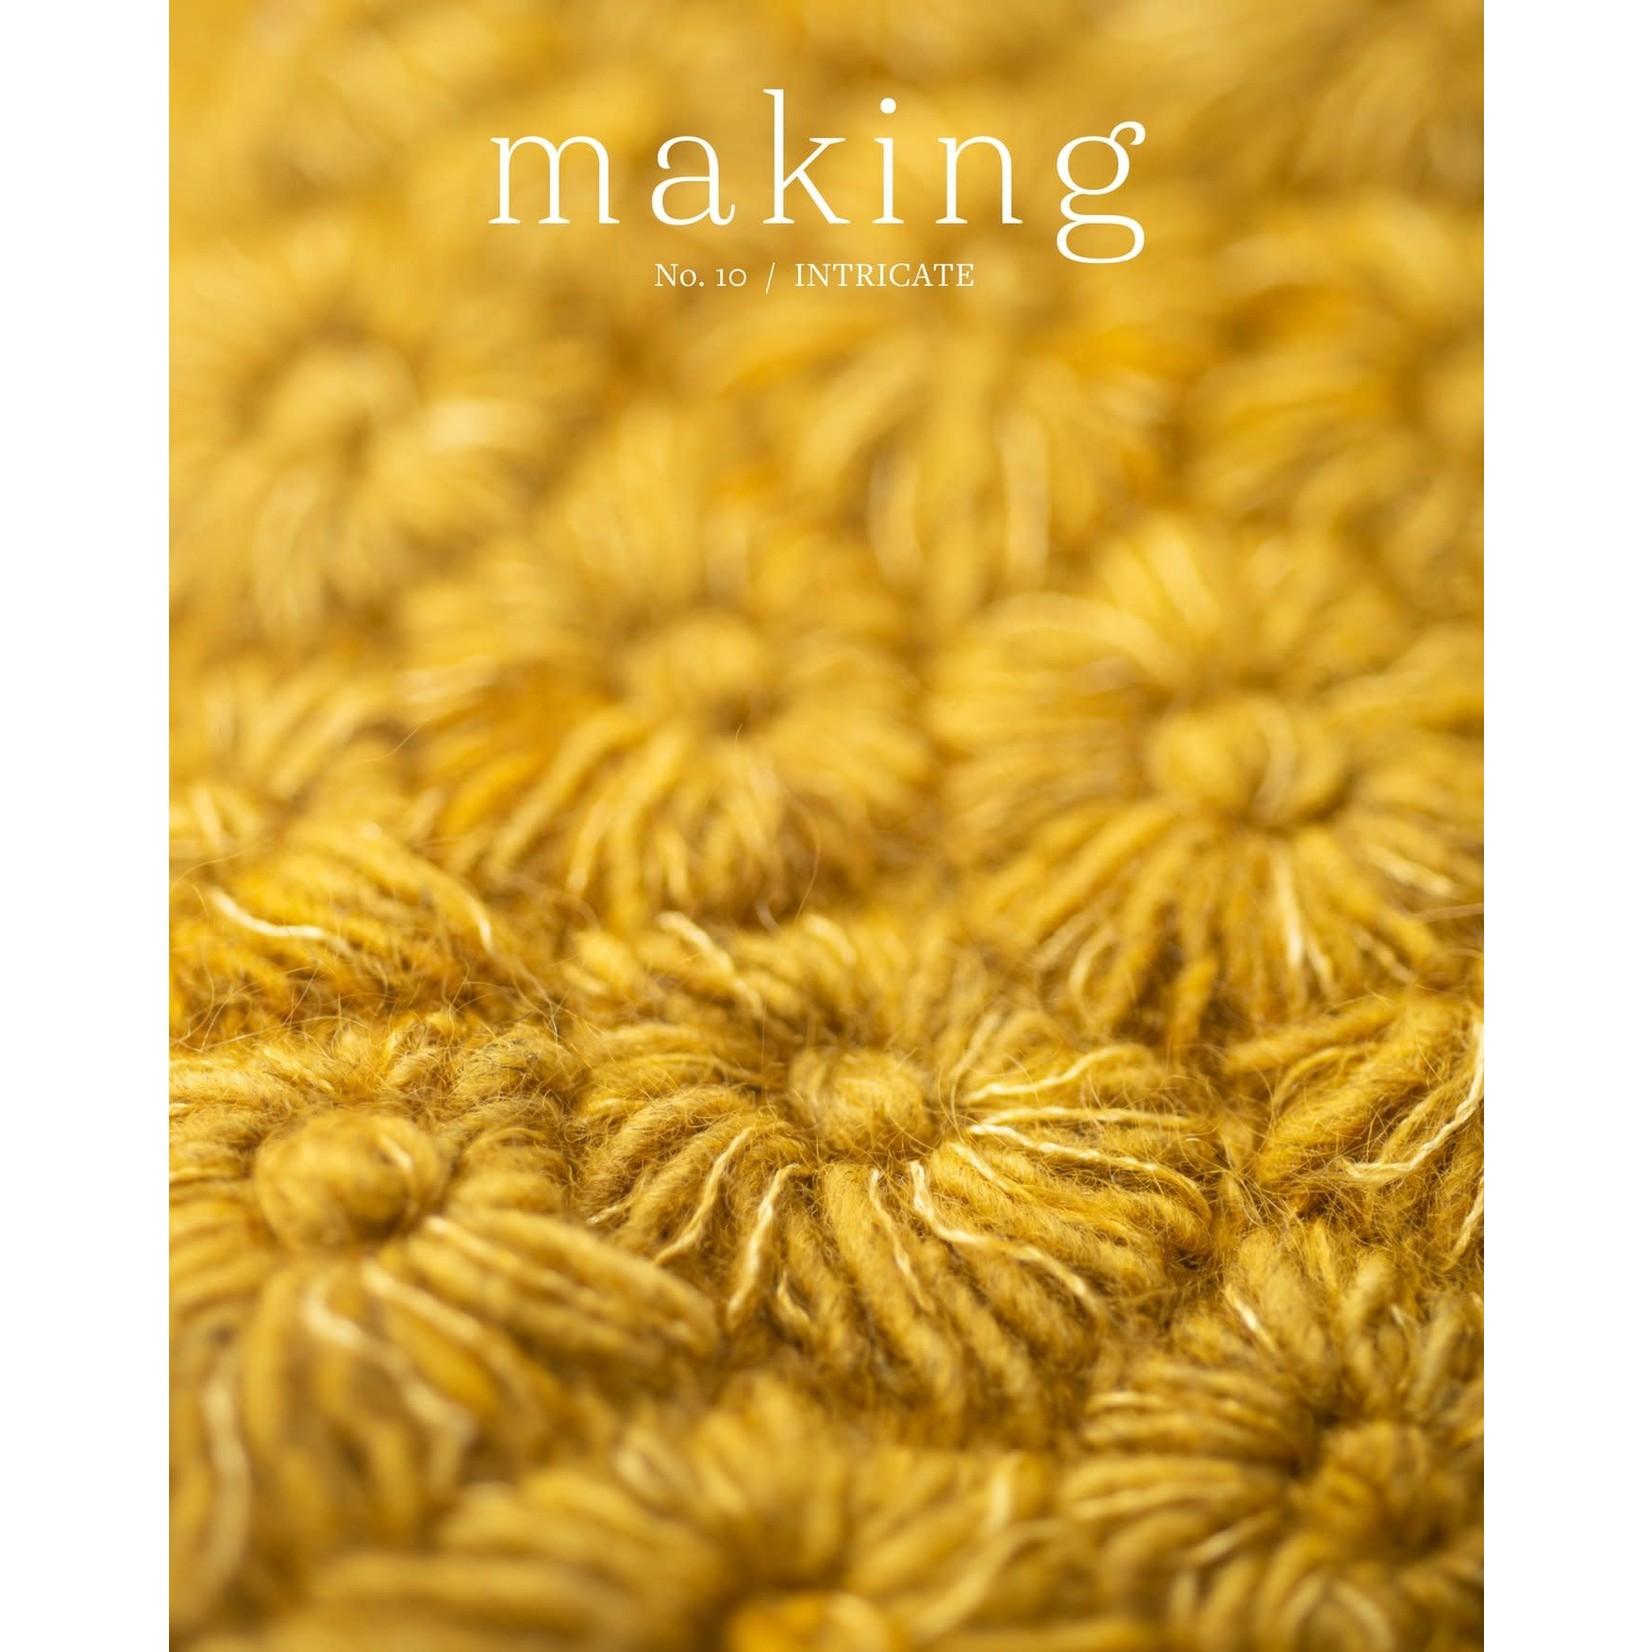 making making No. 10 / Intricate